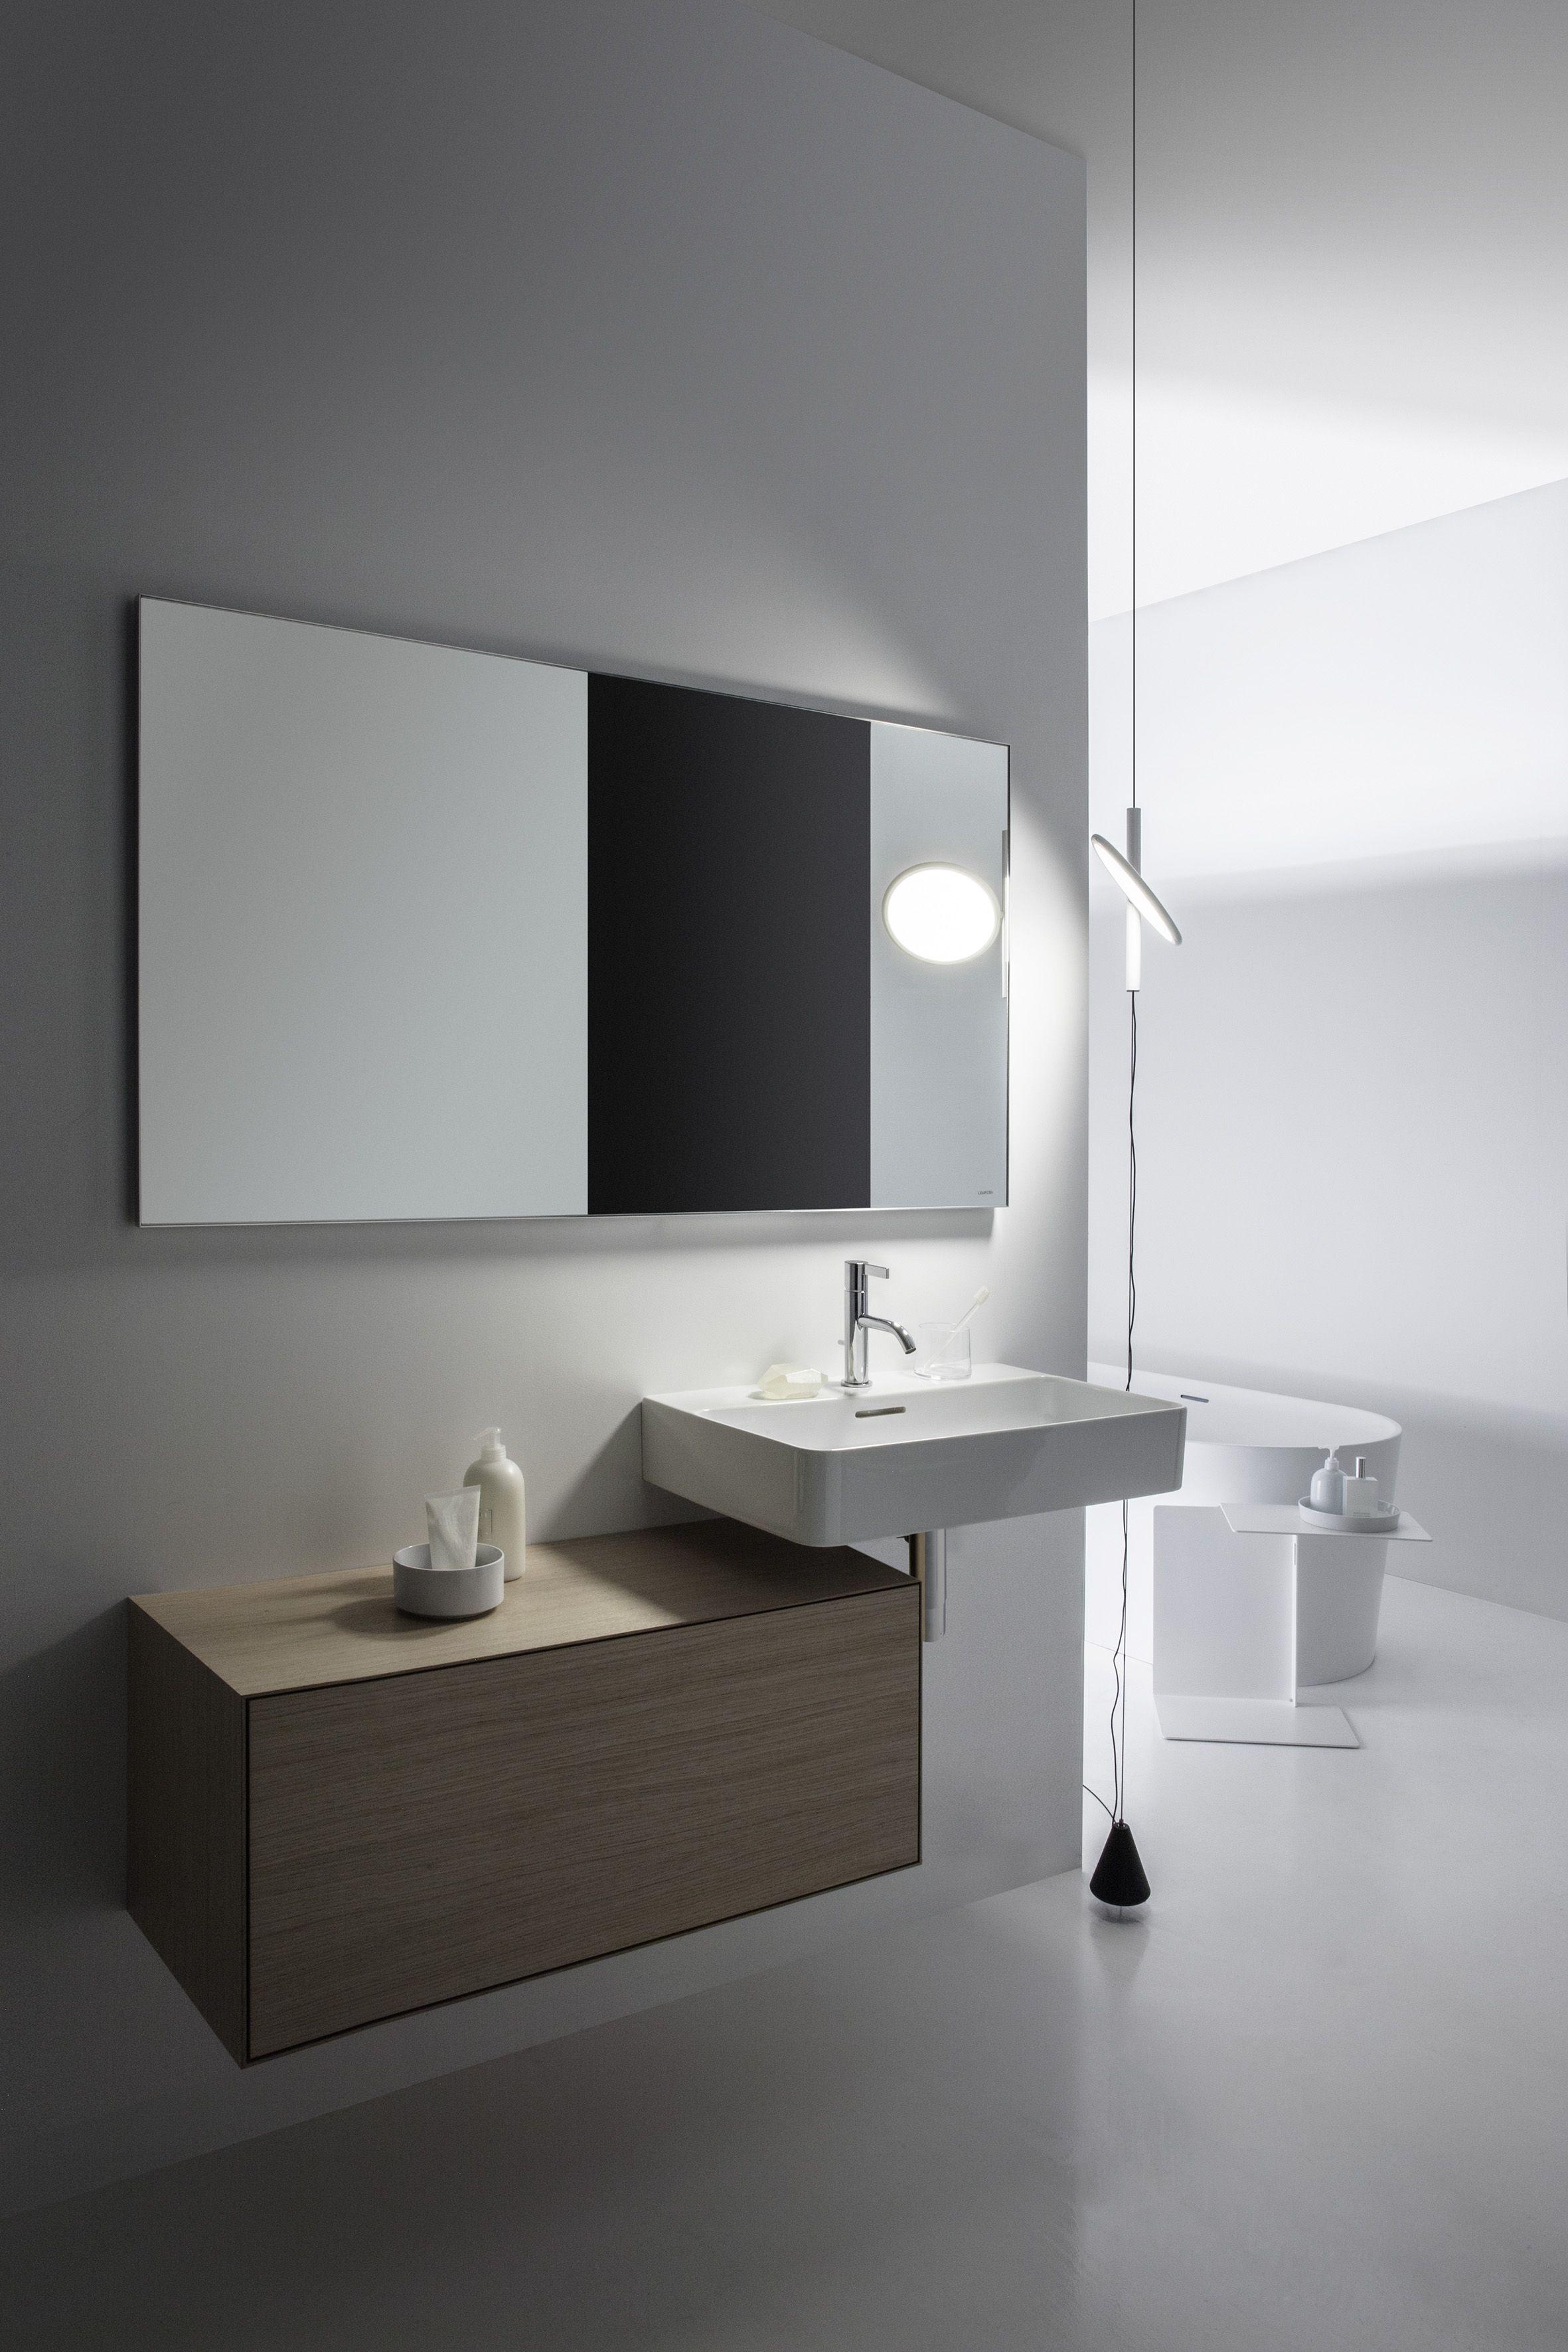 entra en www.youcandeco y diseña tu baño de forma gratuita